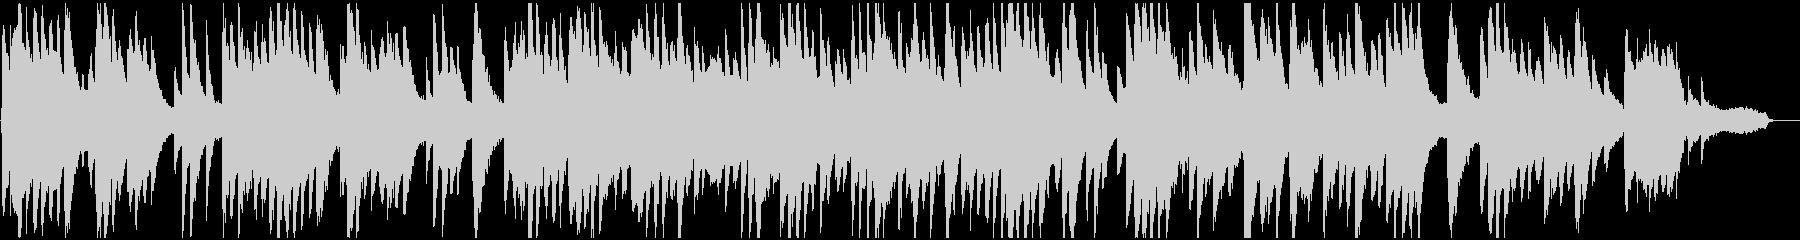 明るい雰囲気のピアノソロバラードの未再生の波形